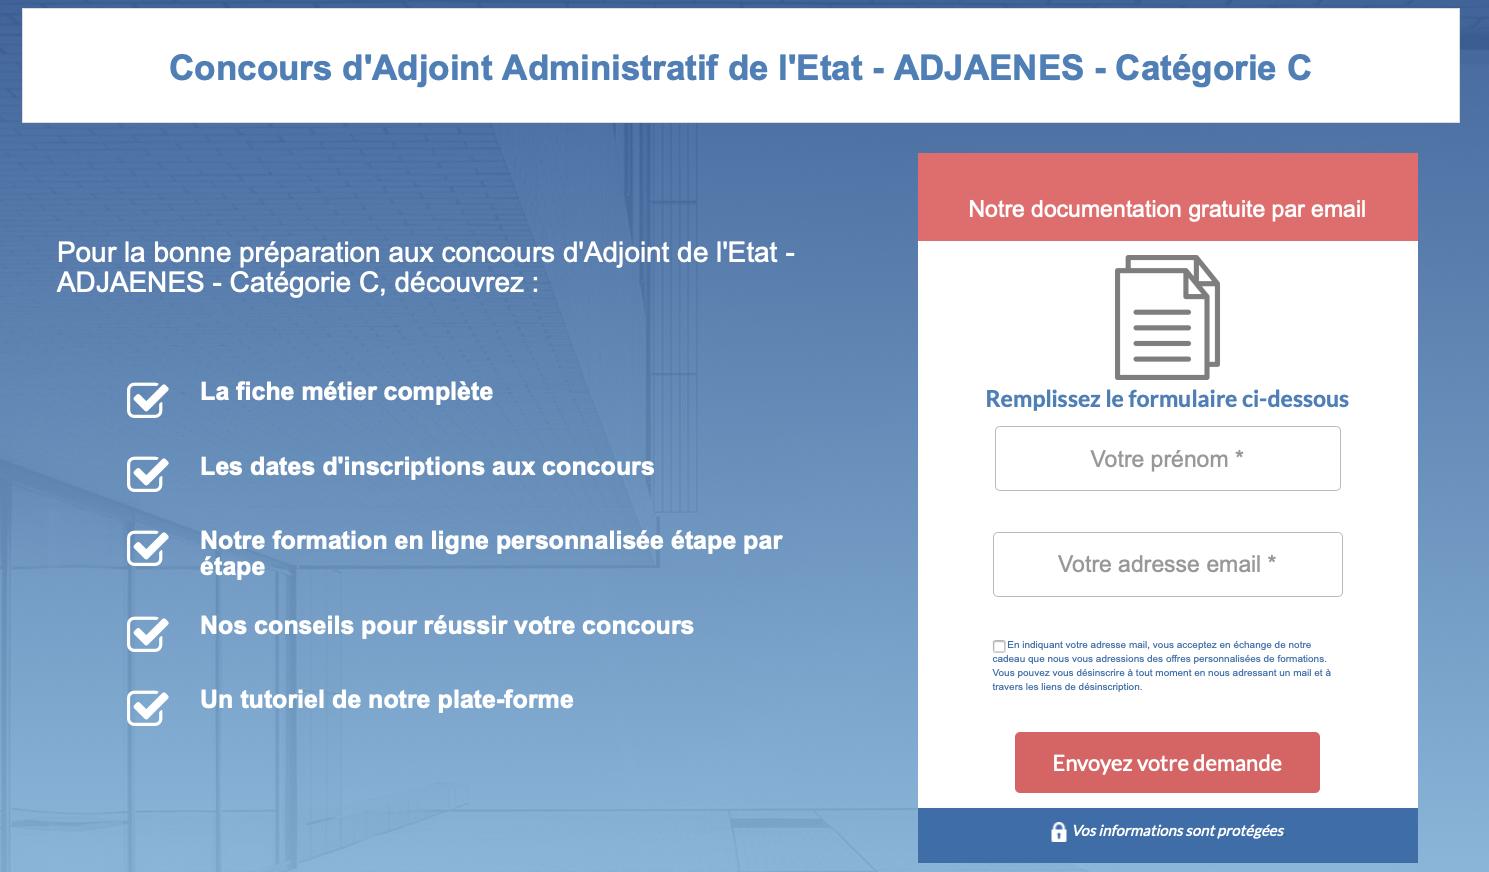 Concours Interne D Adjoint Administratif De L Etat